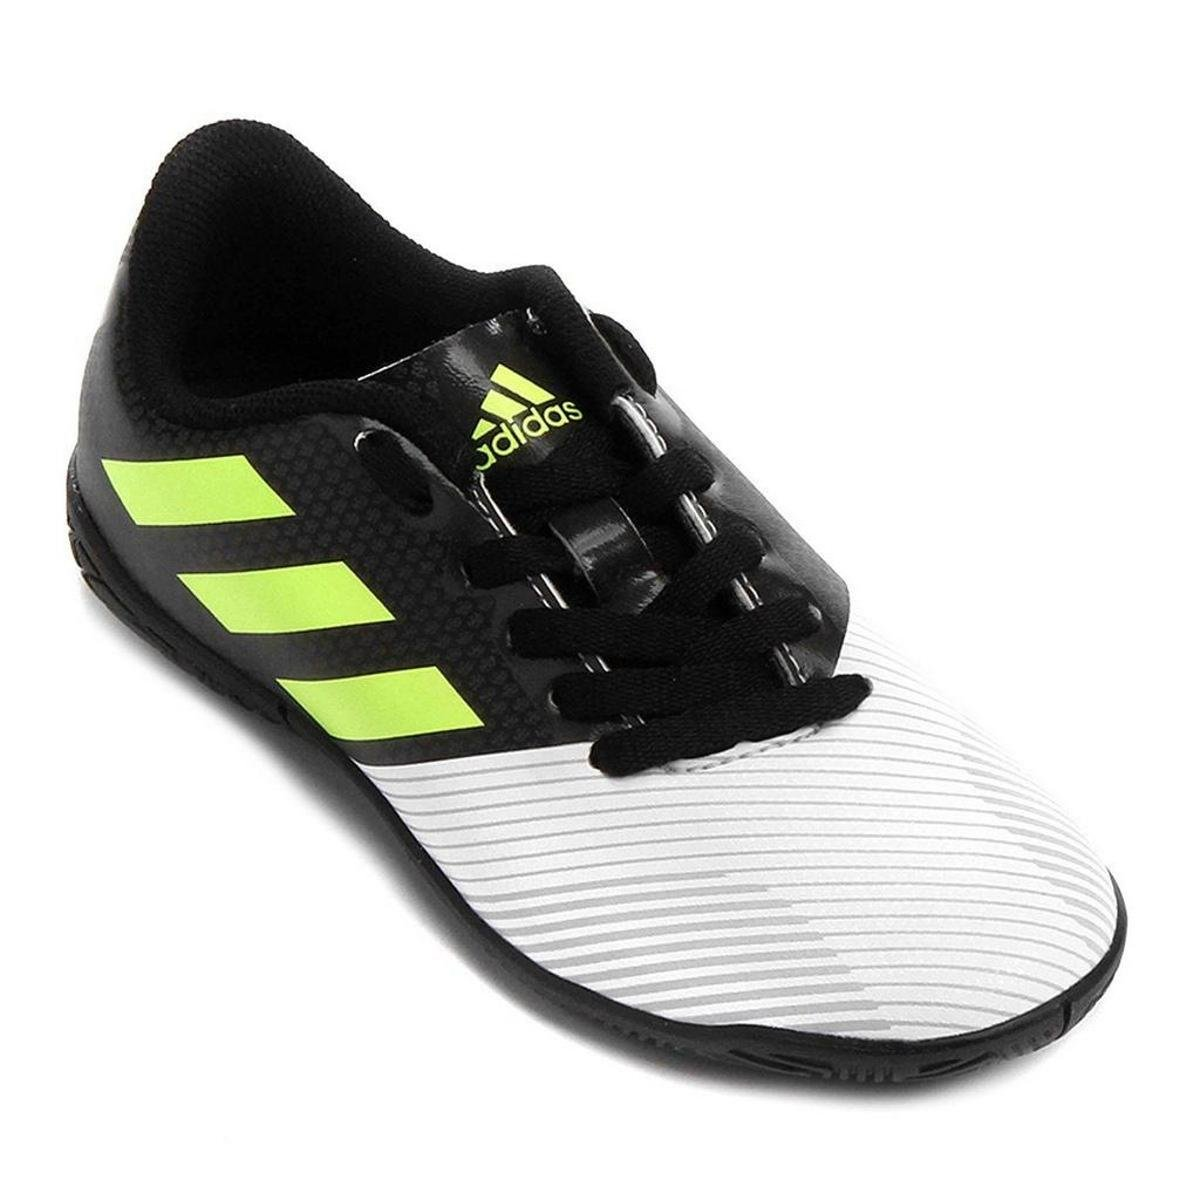 a48a3d2a65 Chuteira Futsal Infantil Adidas Artilheira 17 IN